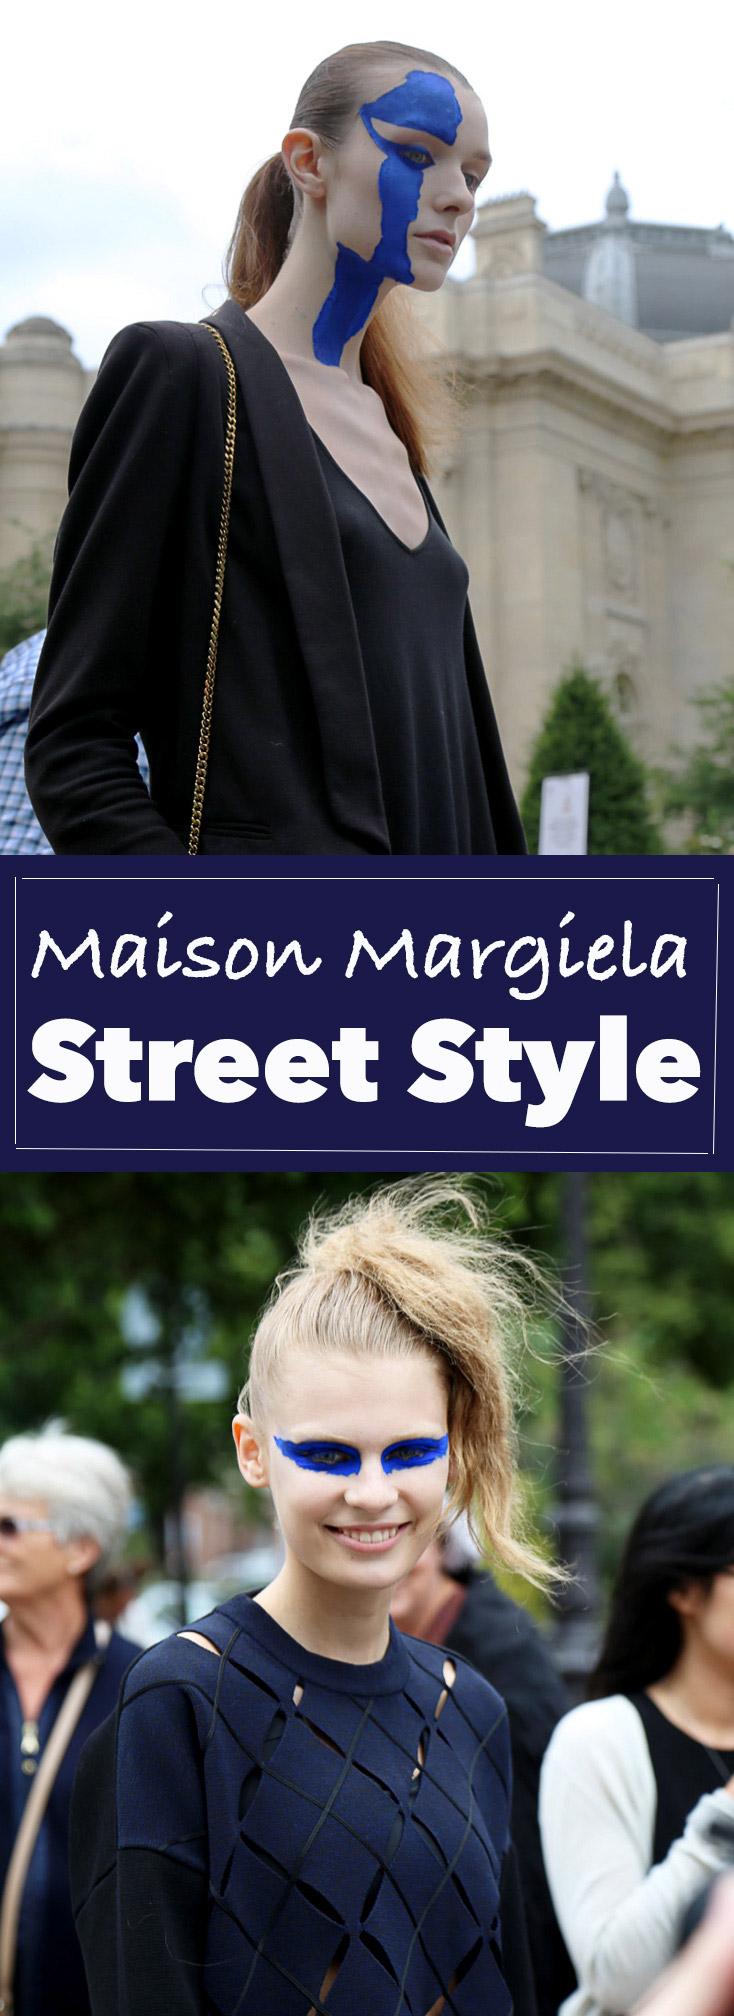 Street Style Maison Margiela